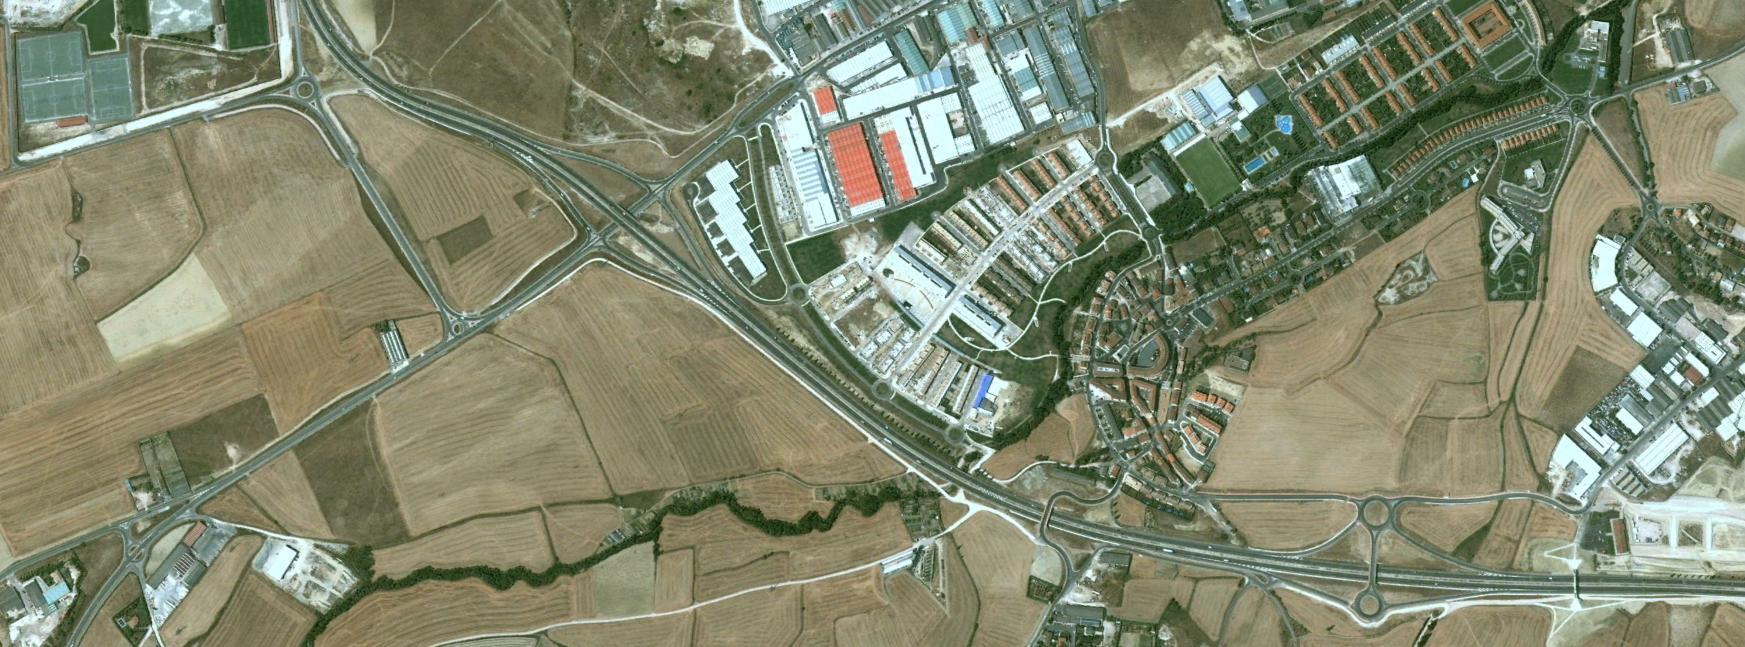 mutilva, navarra, fiat mutilva, antes, urbanismo, planeamiento, urbano, desastre, urbanístico, construcción